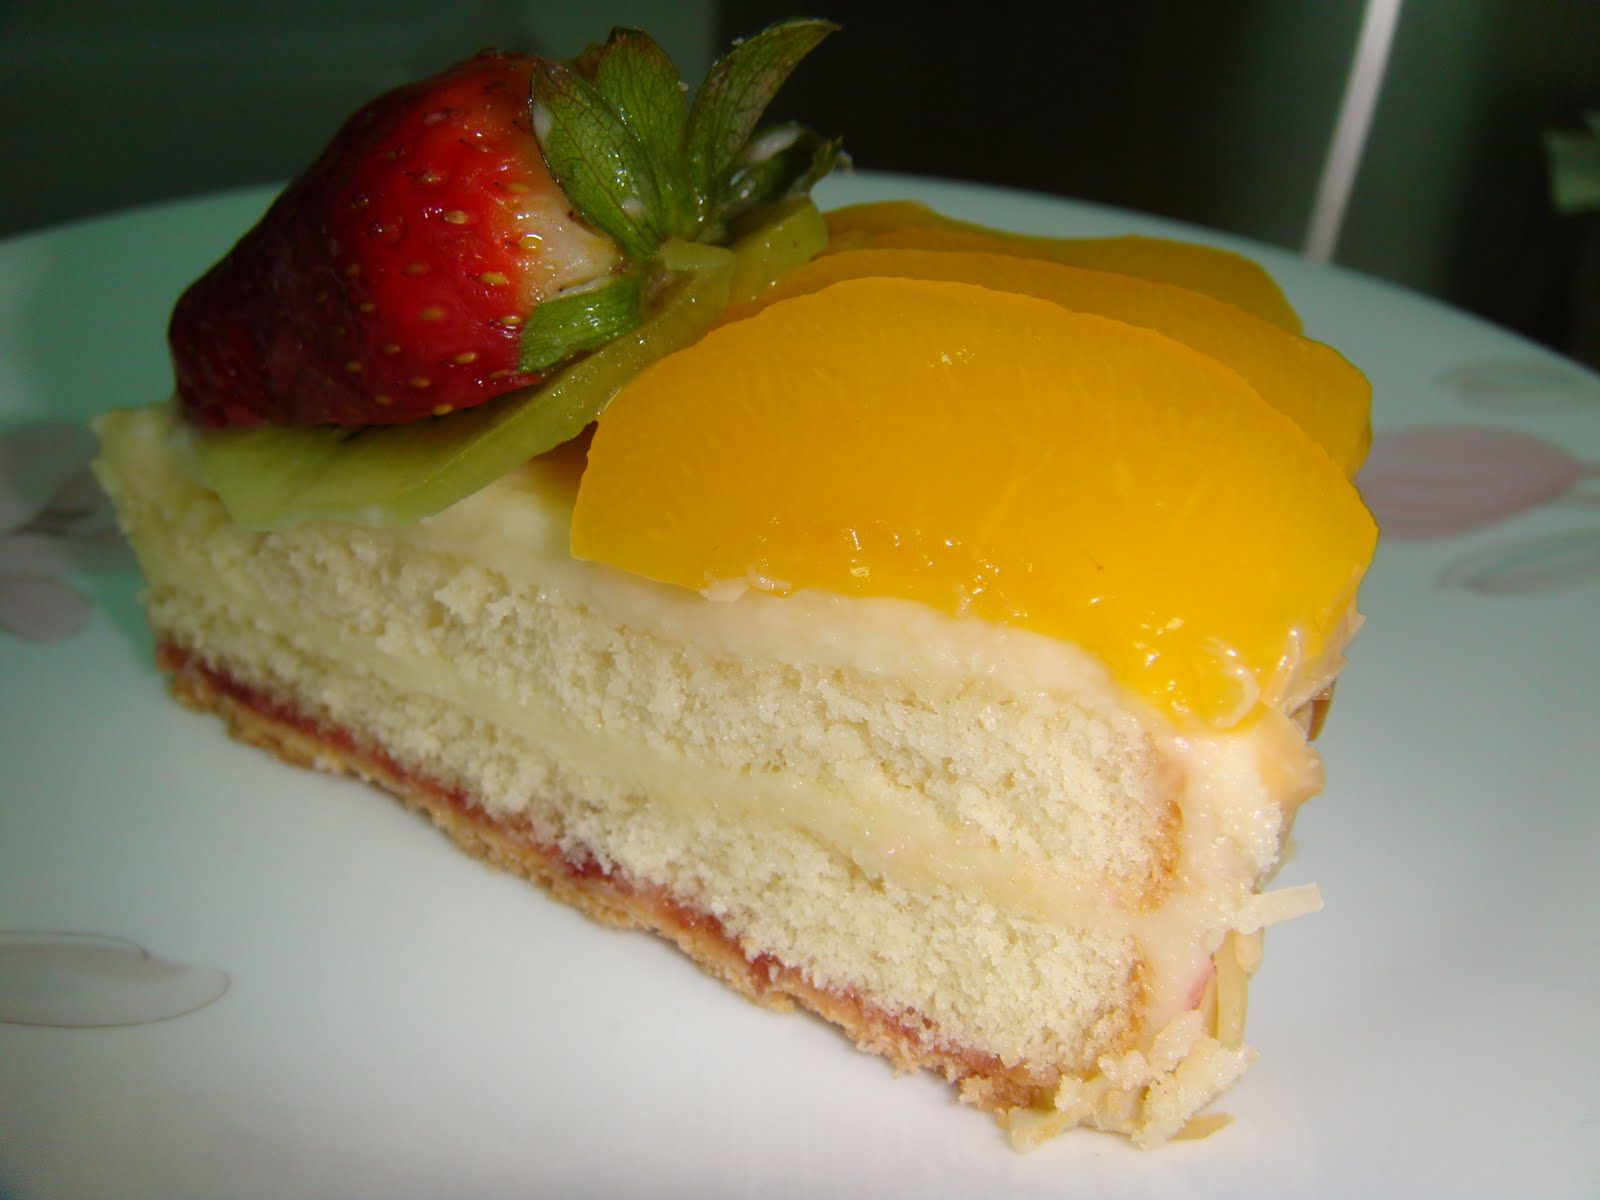 Yummy Baking Fruit Flan Cake